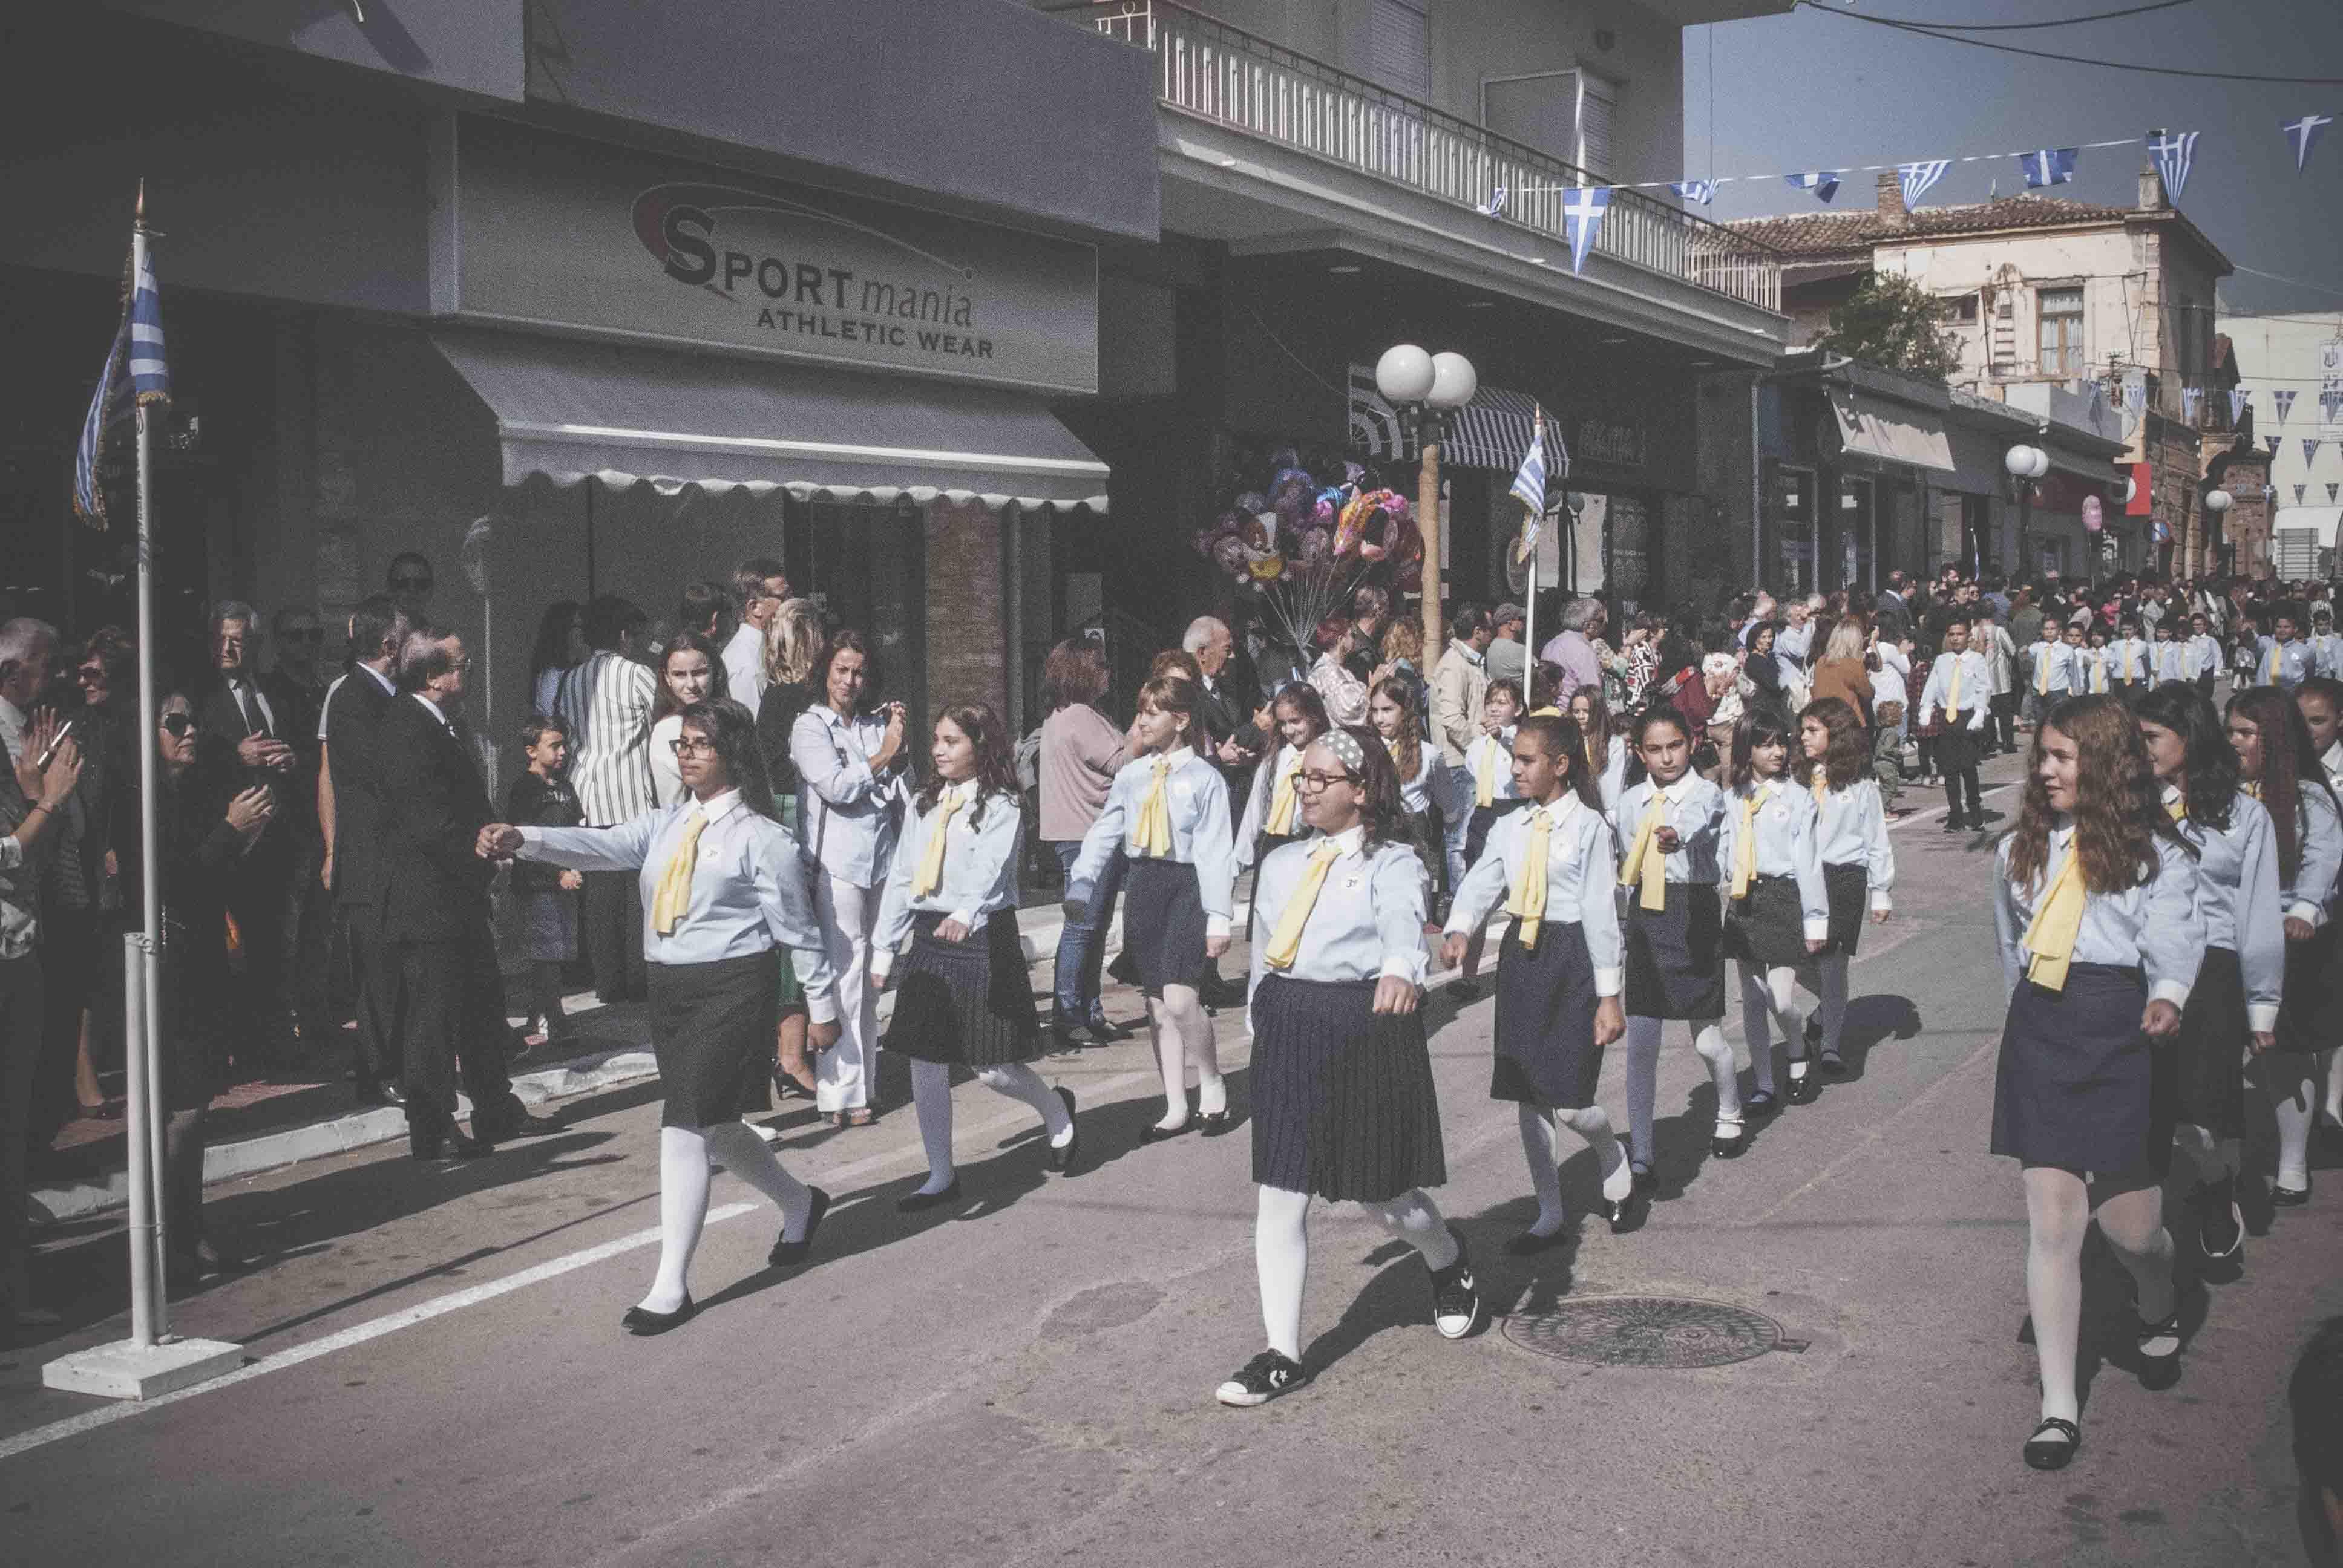 Φωτογραφικό υλικό από την παρέλαση στα Ψαχνά DSC 0381  Η παρέλαση της 28ης Οκτωβρίου σε Καστέλλα και Ψαχνά (φωτό) DSC 0381